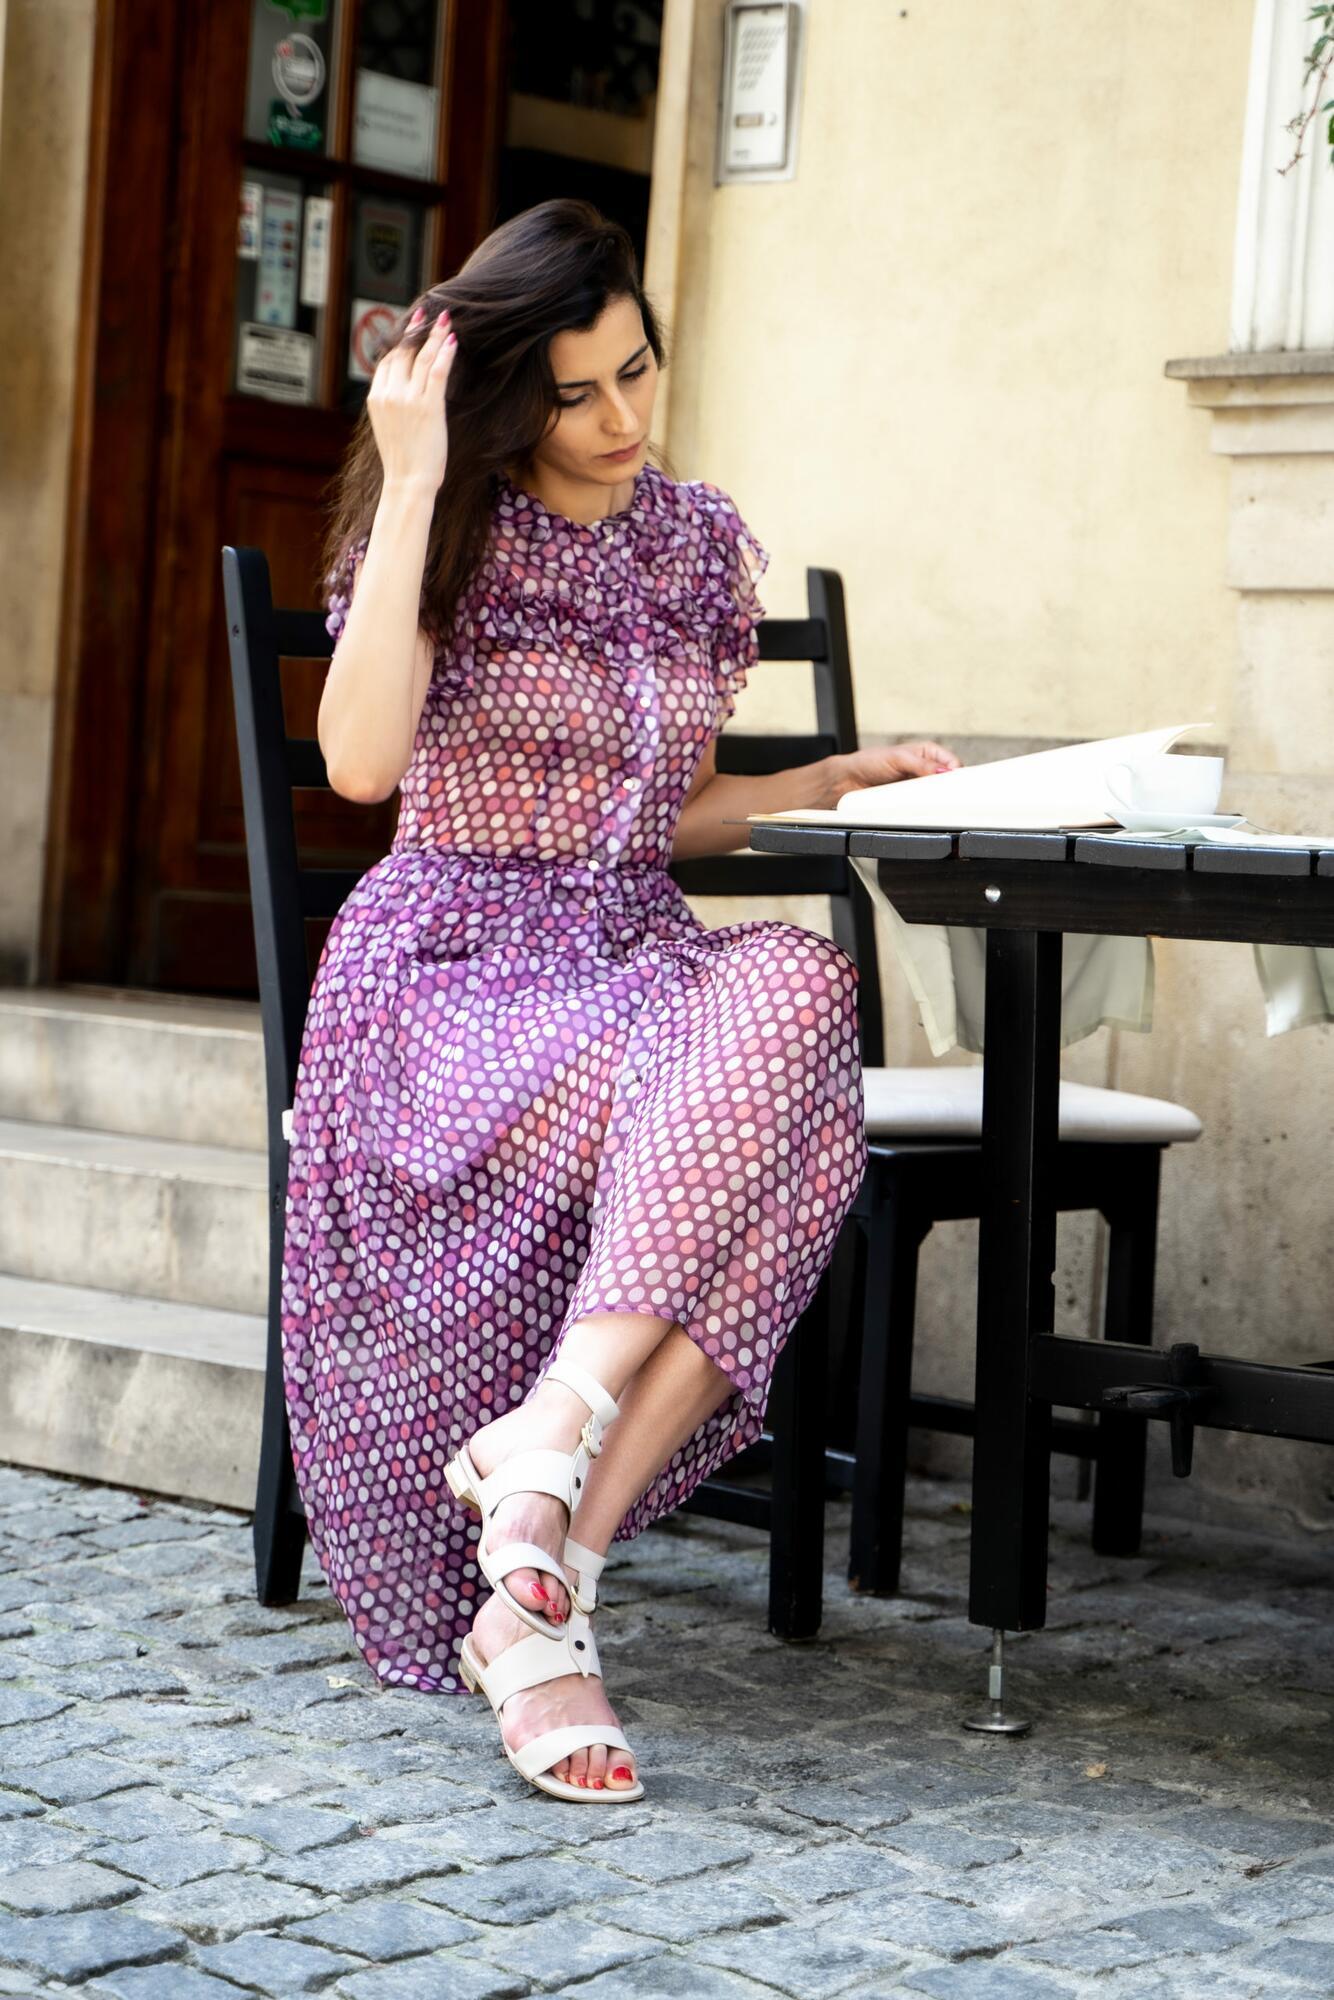 Sukienka jedwabna LAGUNA COLORADA - kod rabatowy - SYLVIA DARA SYLWIA DYDA | JestemSlow.pl